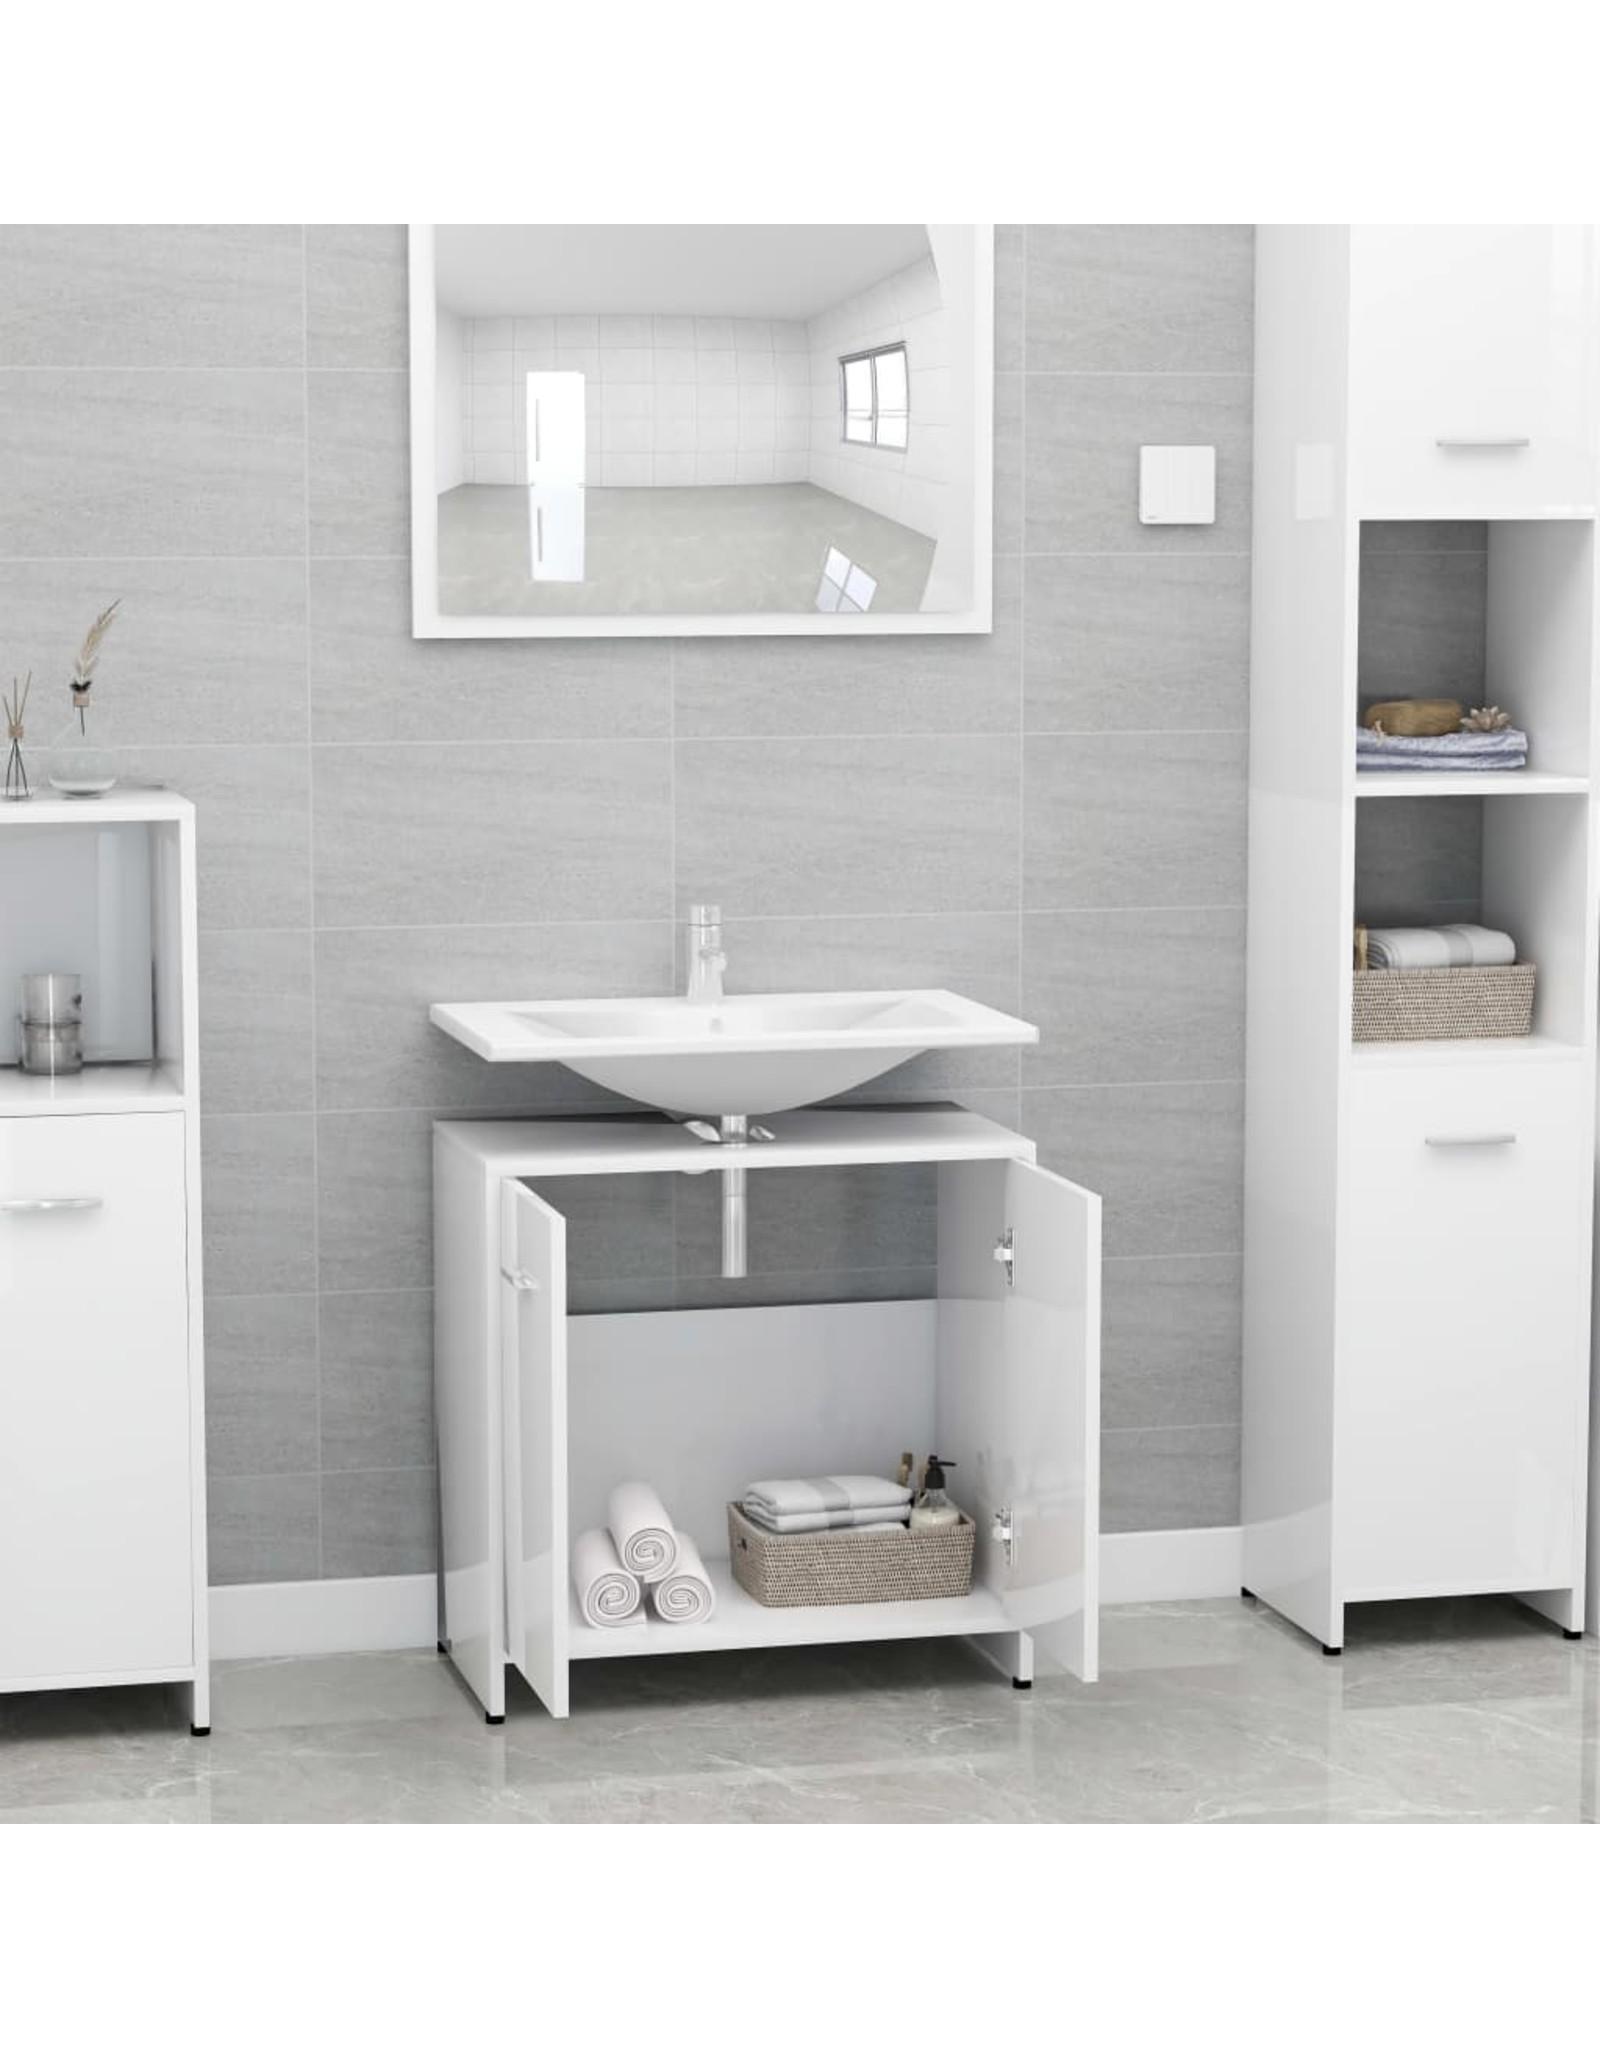 Badkamerkast 60x33x58 cm spaanplaat hoogglans wit